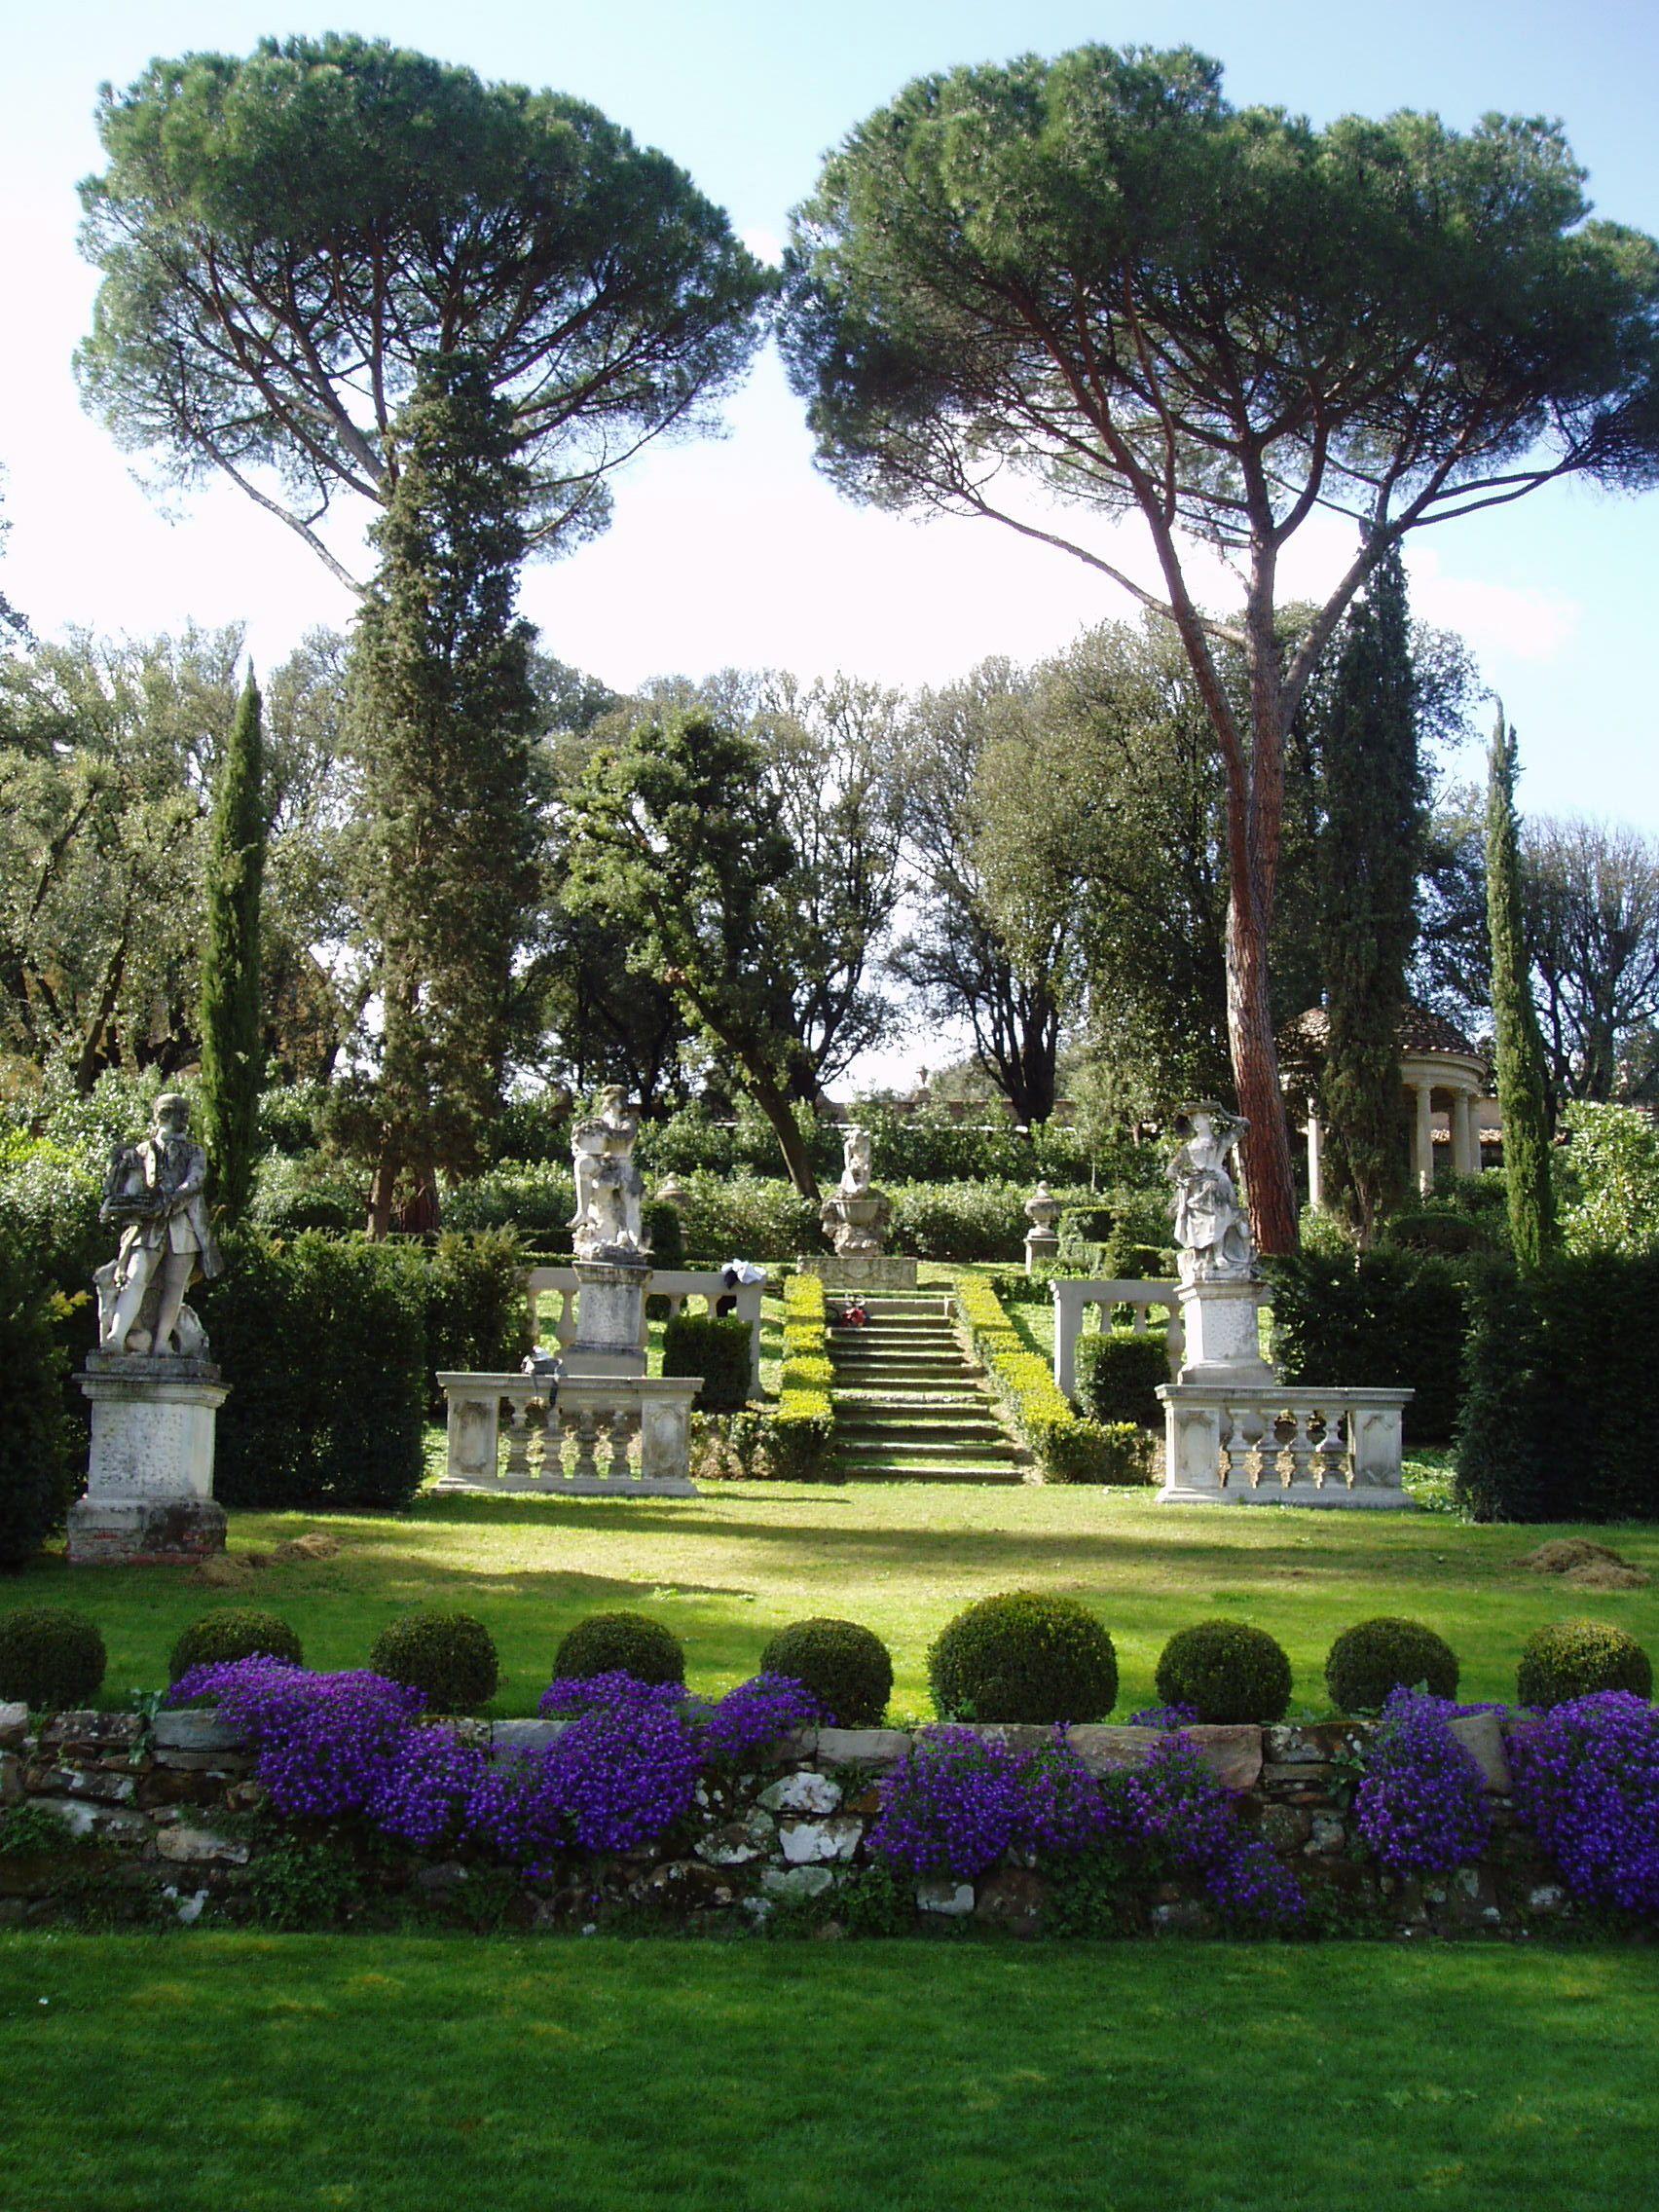 Villa La Pietra Garden Teatrino Florence Jardin Italiano Diseno De Jardin Italia